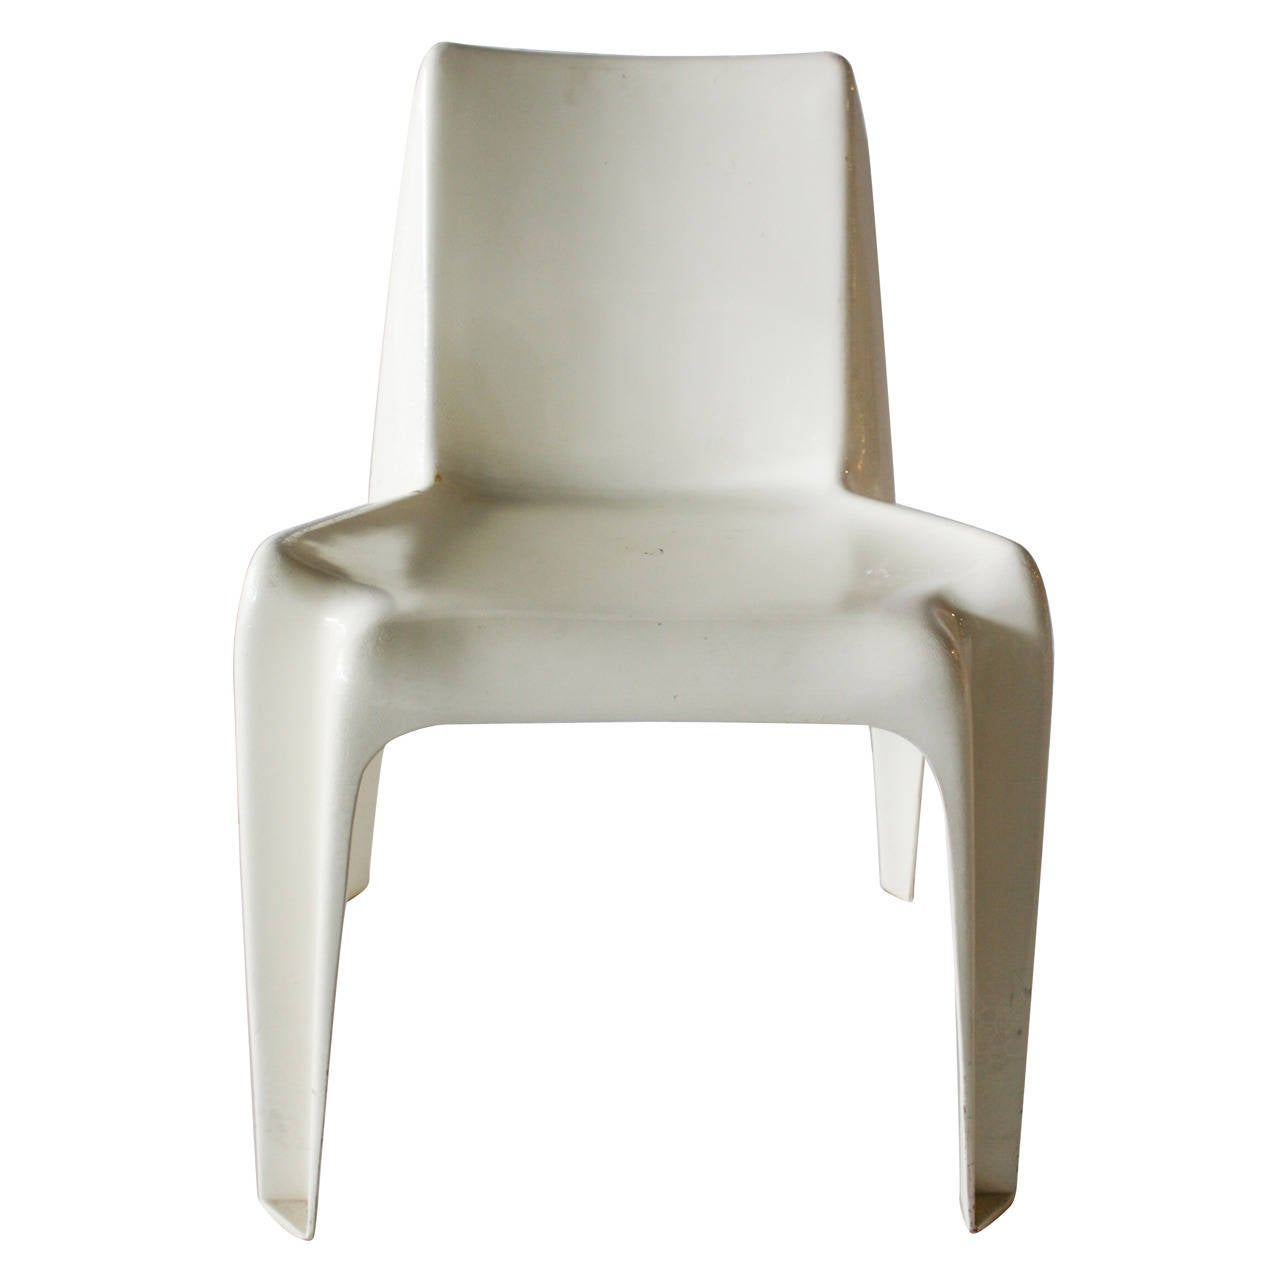 White Molded Fiberglass Chair 1